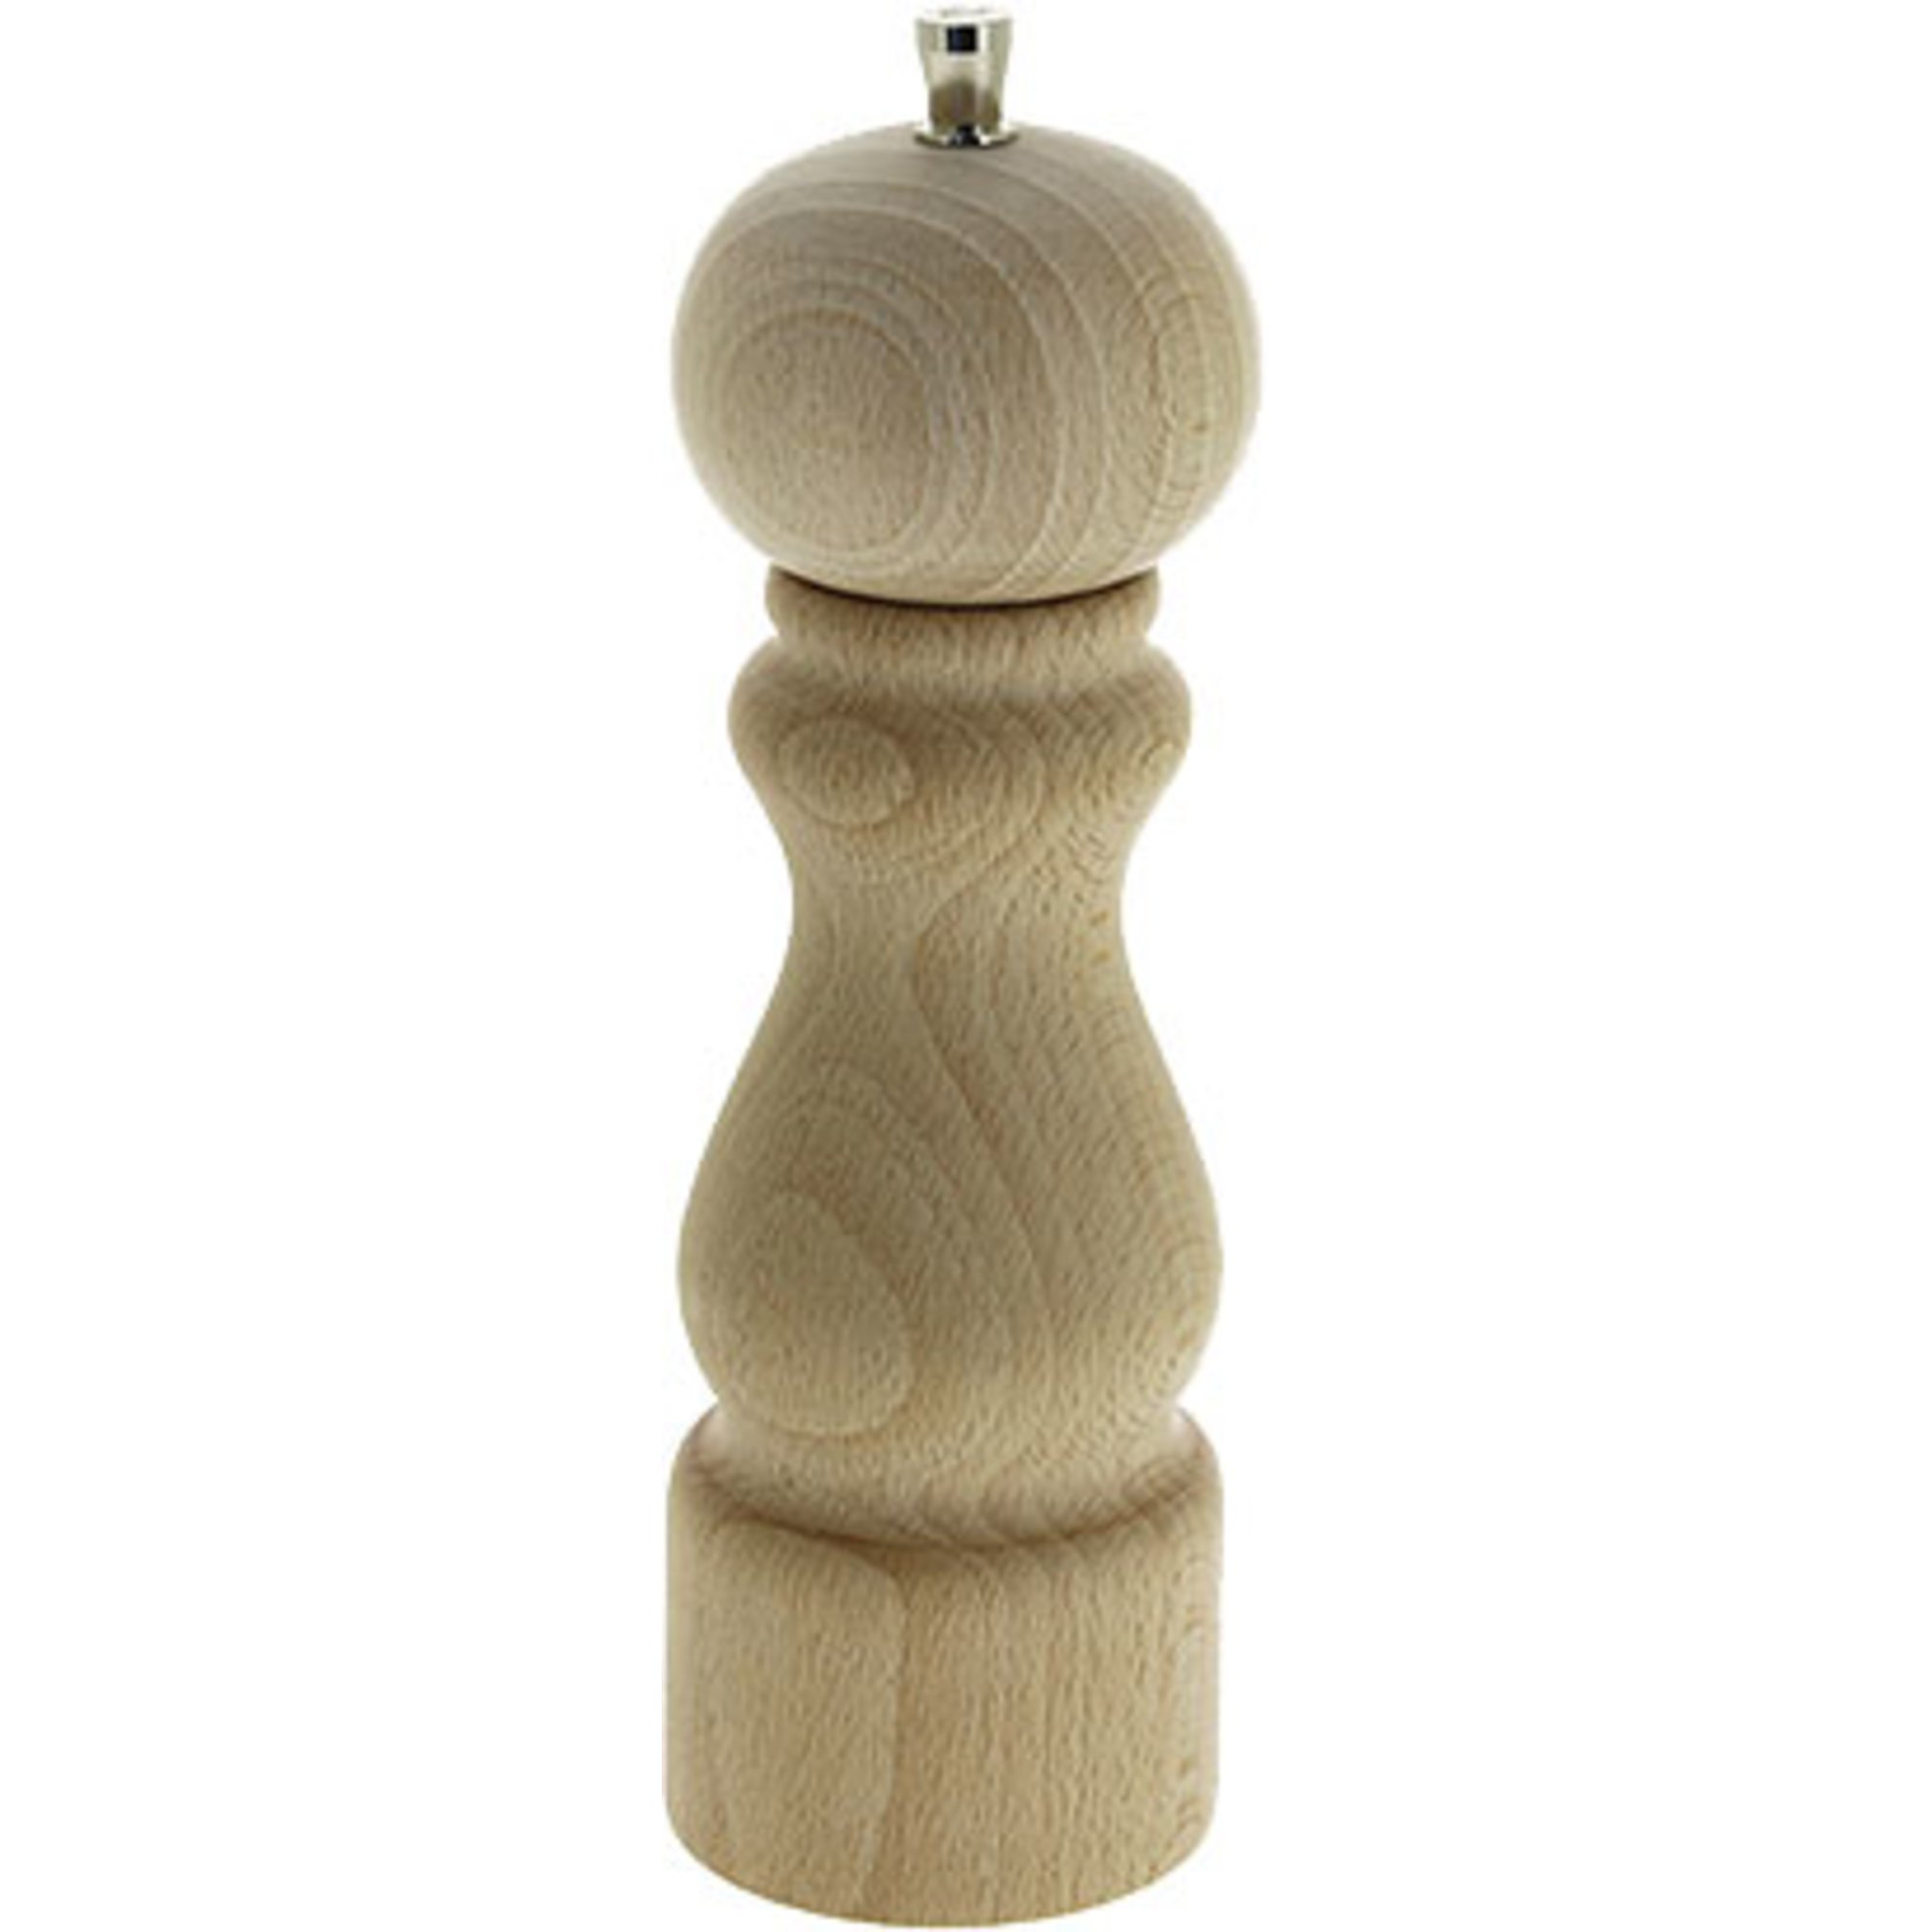 De Buyer Rumba B Bois Pepparkvarn 20 cm